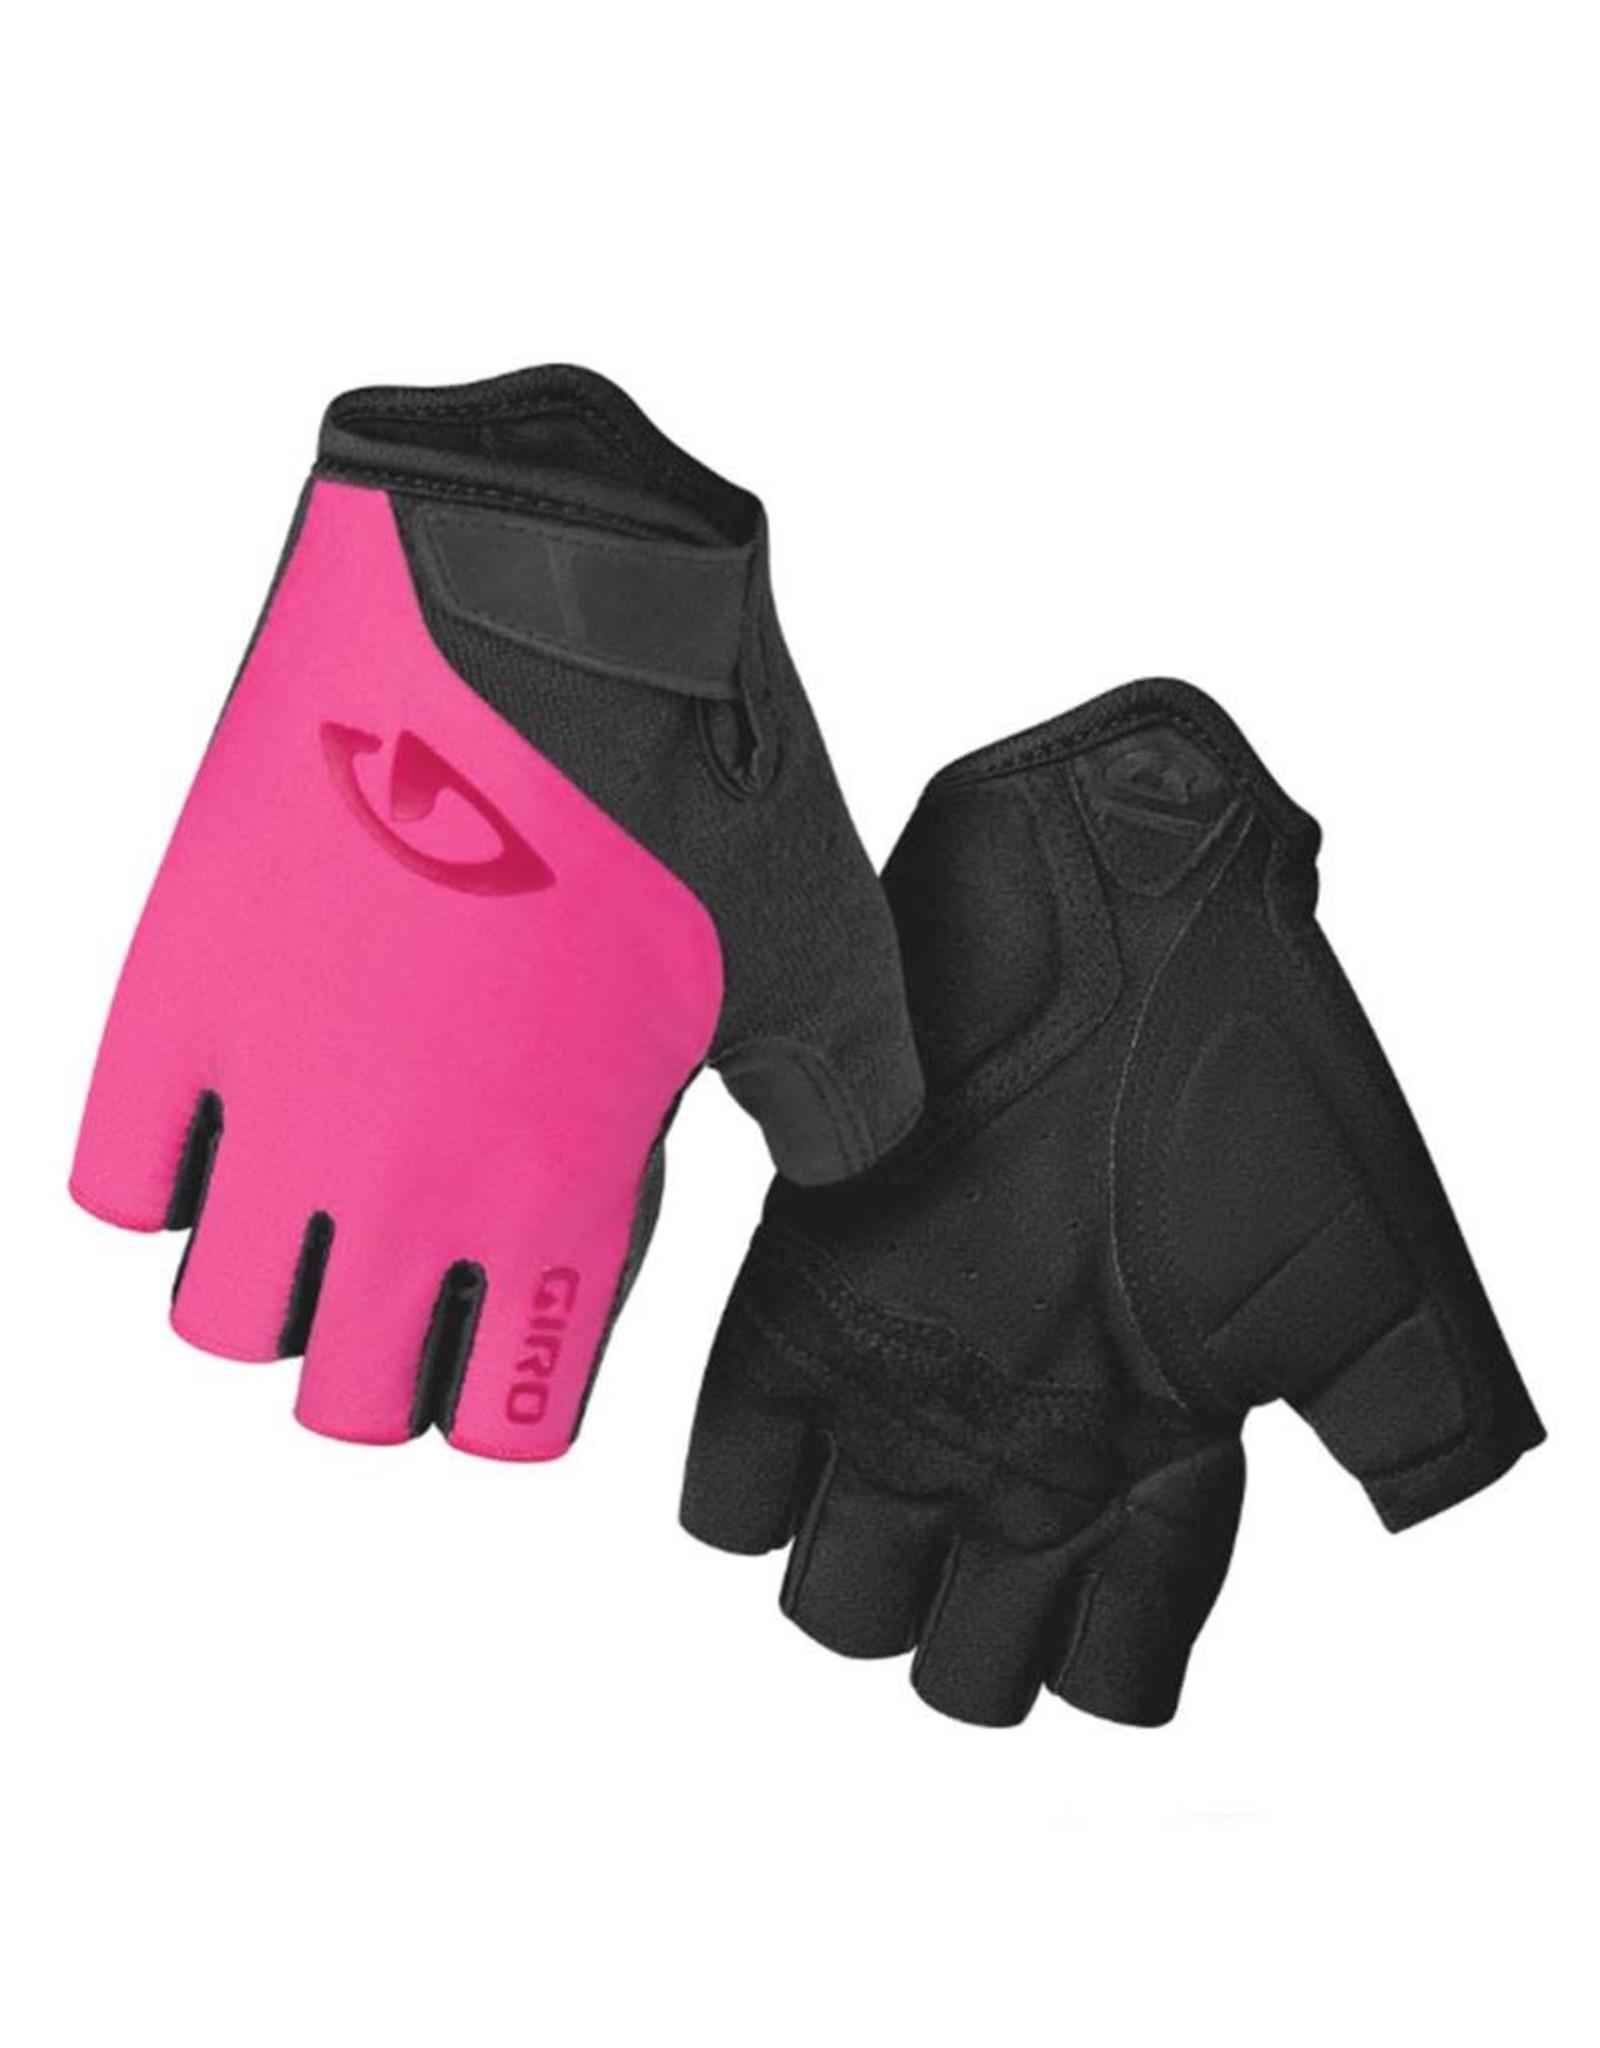 Giro Jag'ette Short Finger Glove Magenta